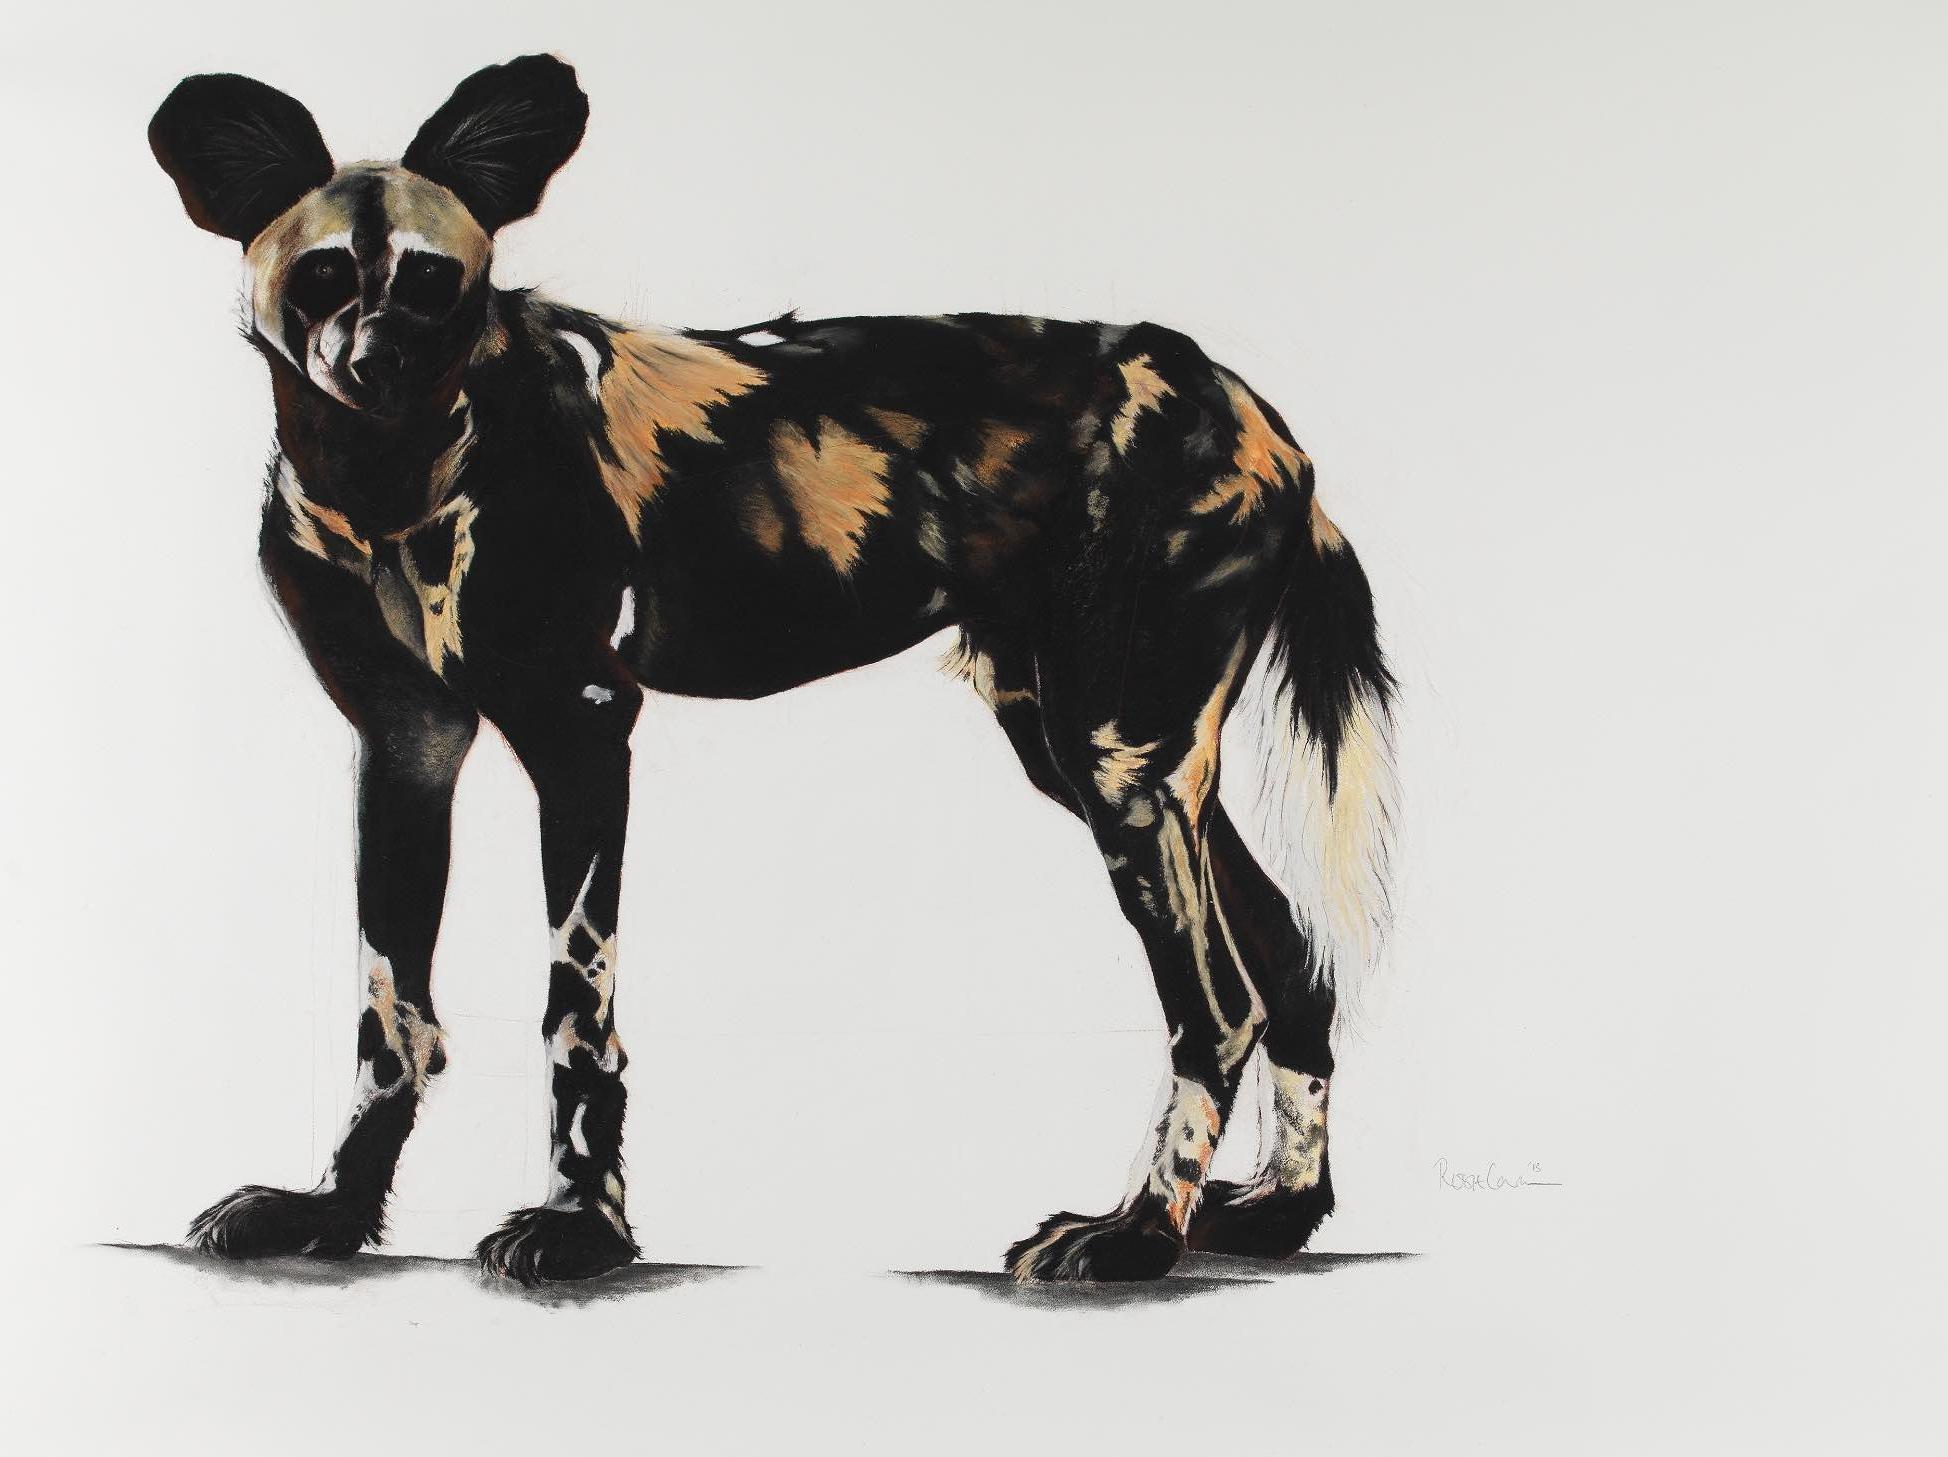 19. LARGE AFRICAN WILD DOG I